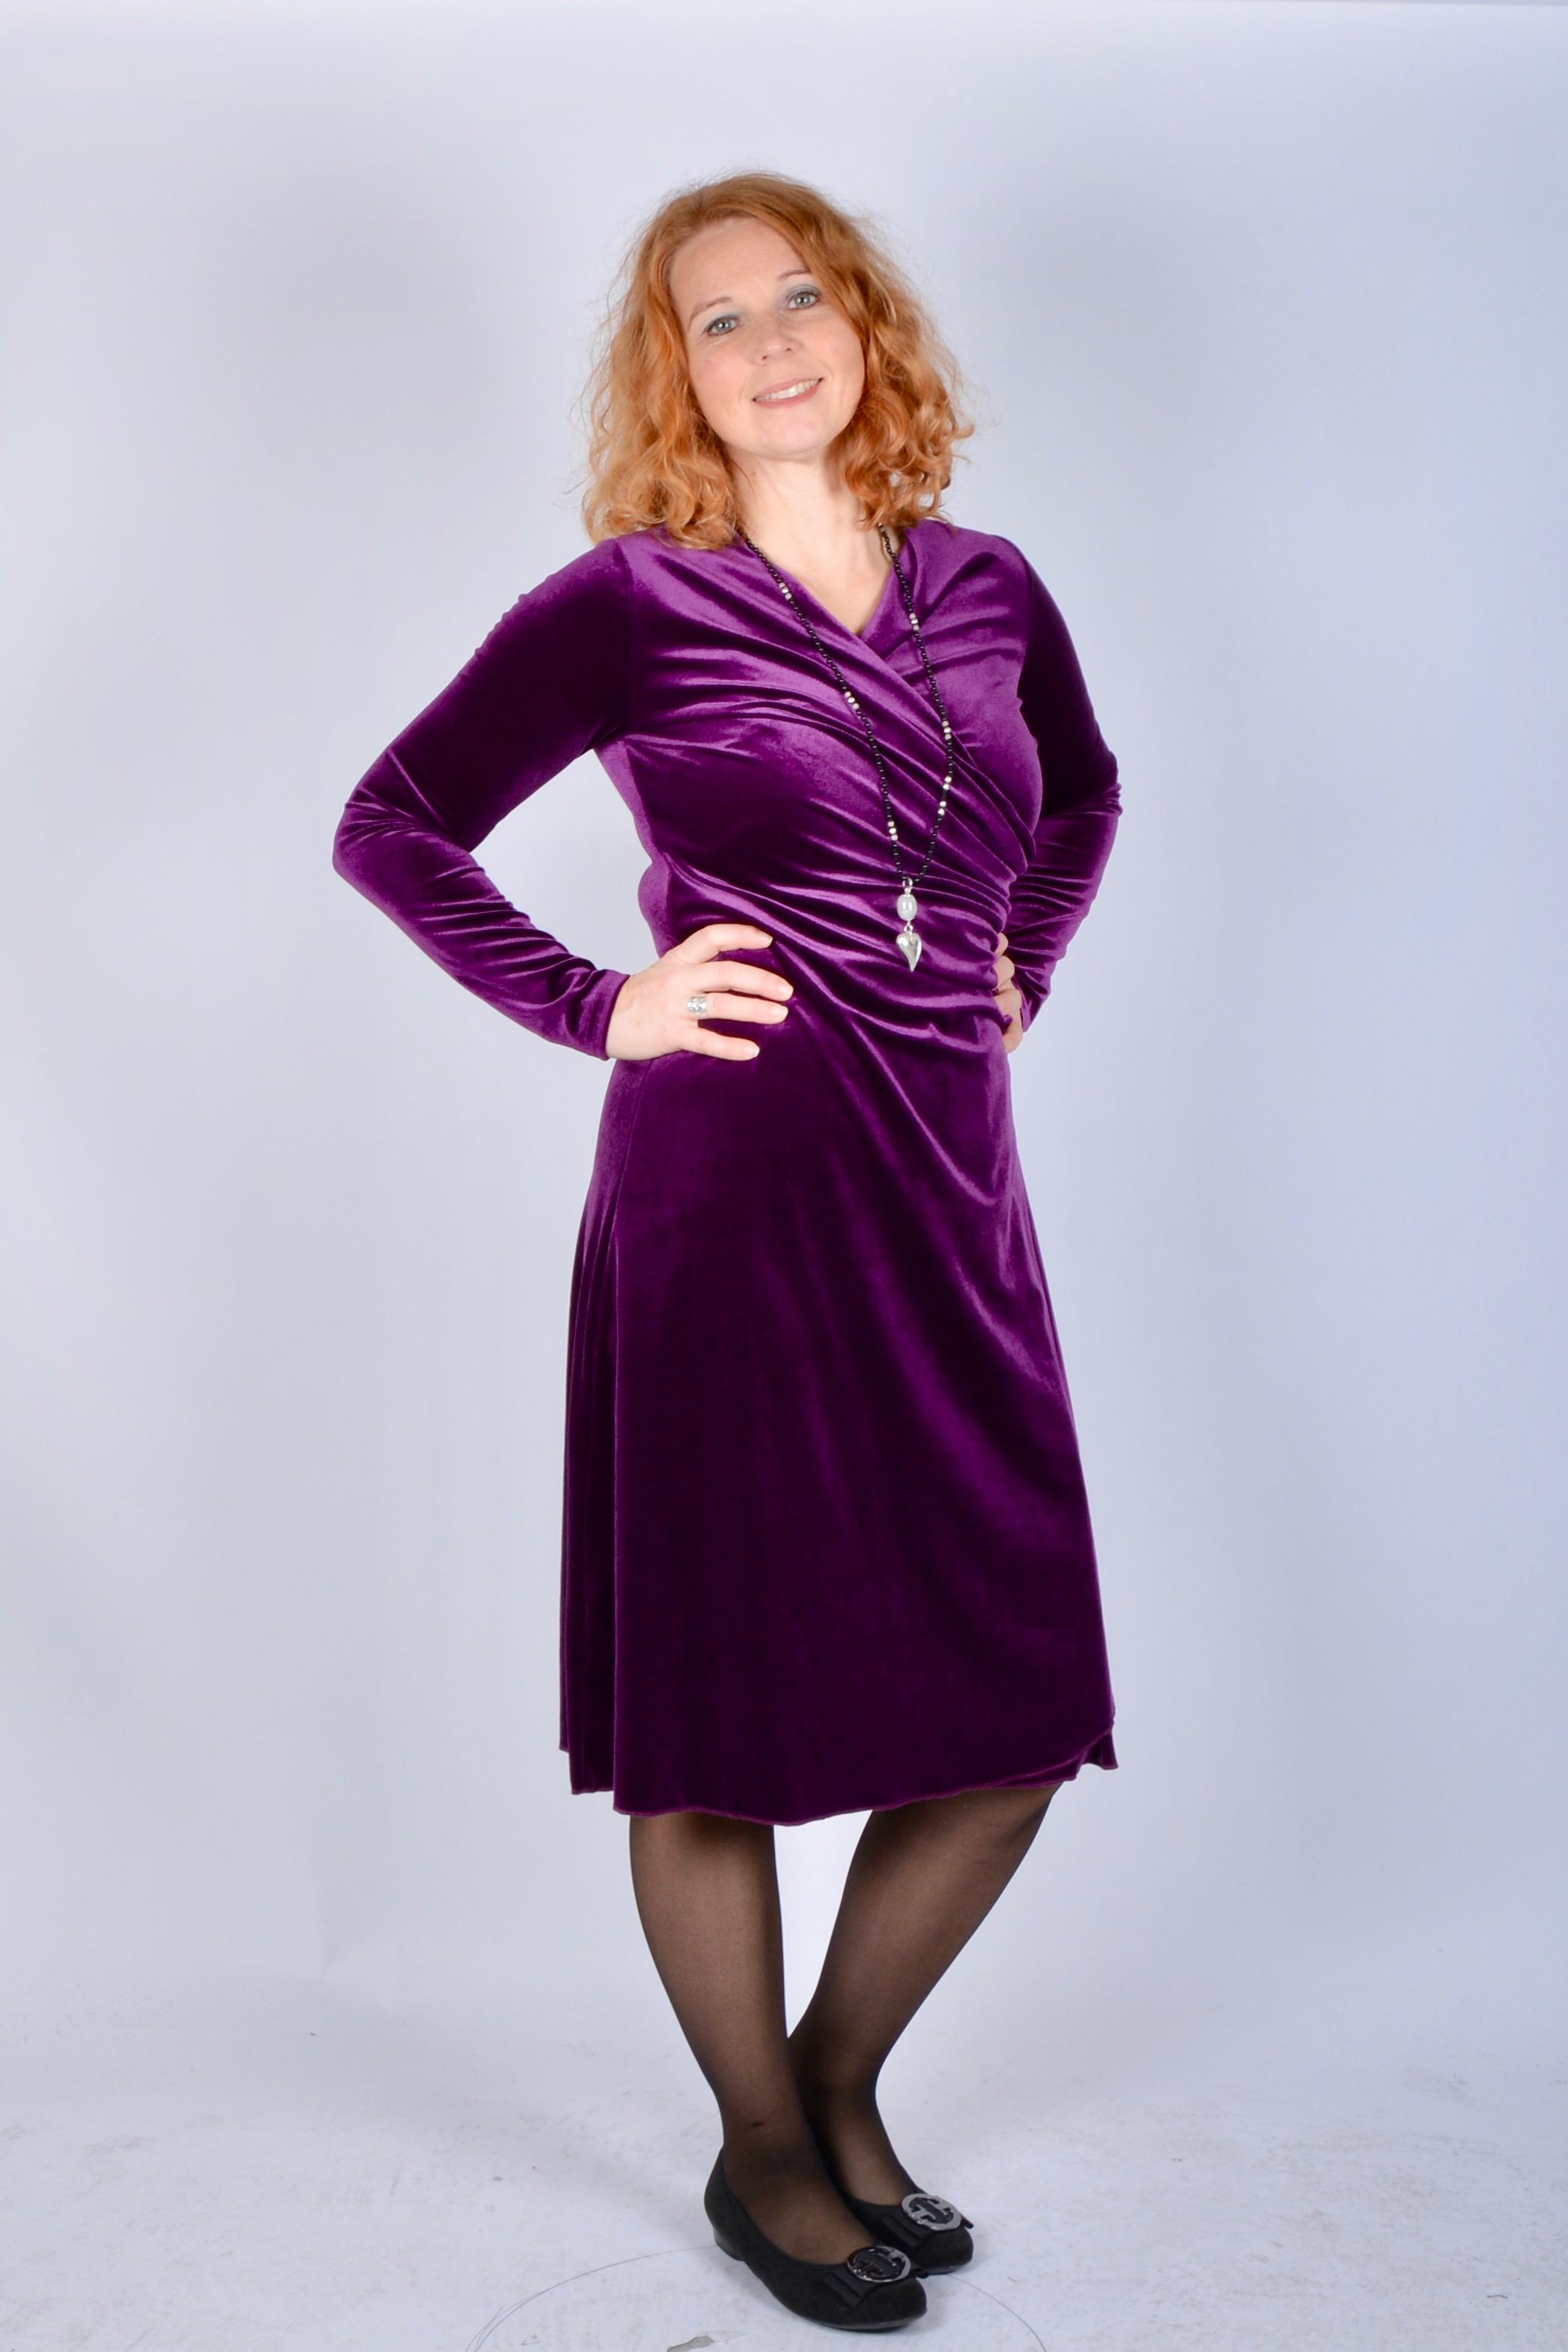 Ovan  Camilla Thulins suveräna sammetsklänning. Här i lila 81cdb74cf727a